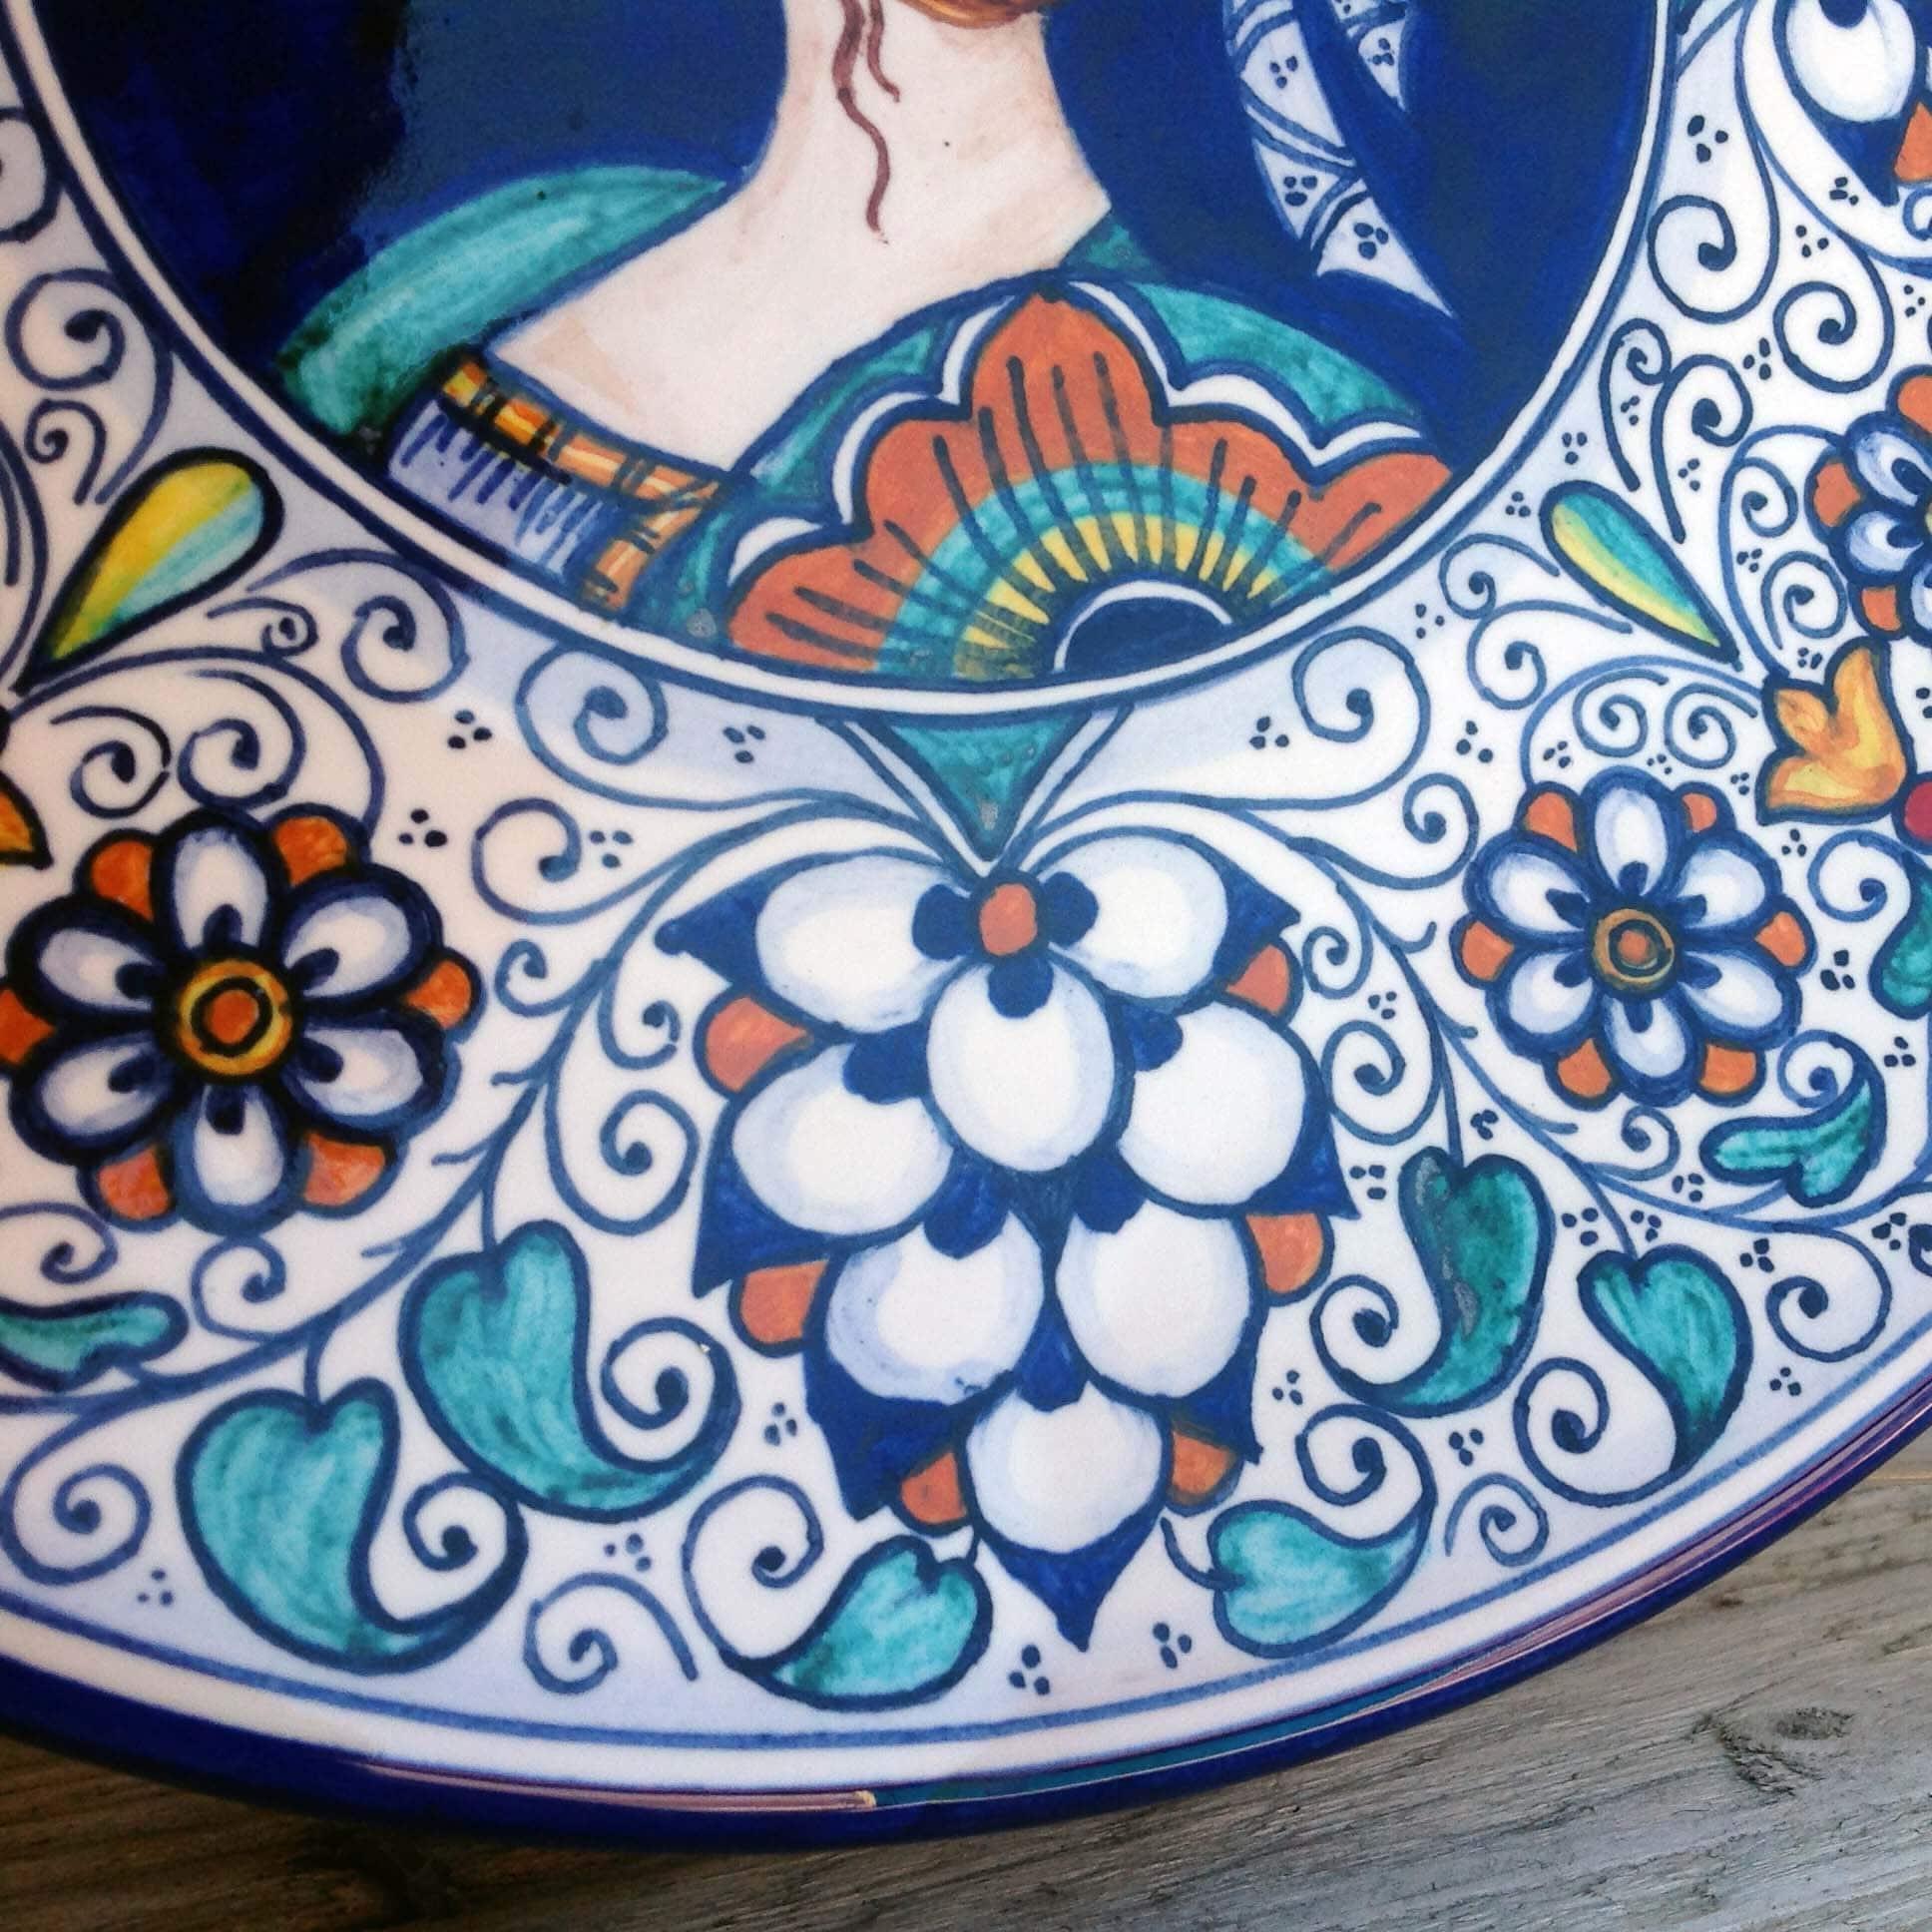 Come Appendere Piatti In Ceramica piatti da appendere dipinti a mano - gli innamorati | olalla